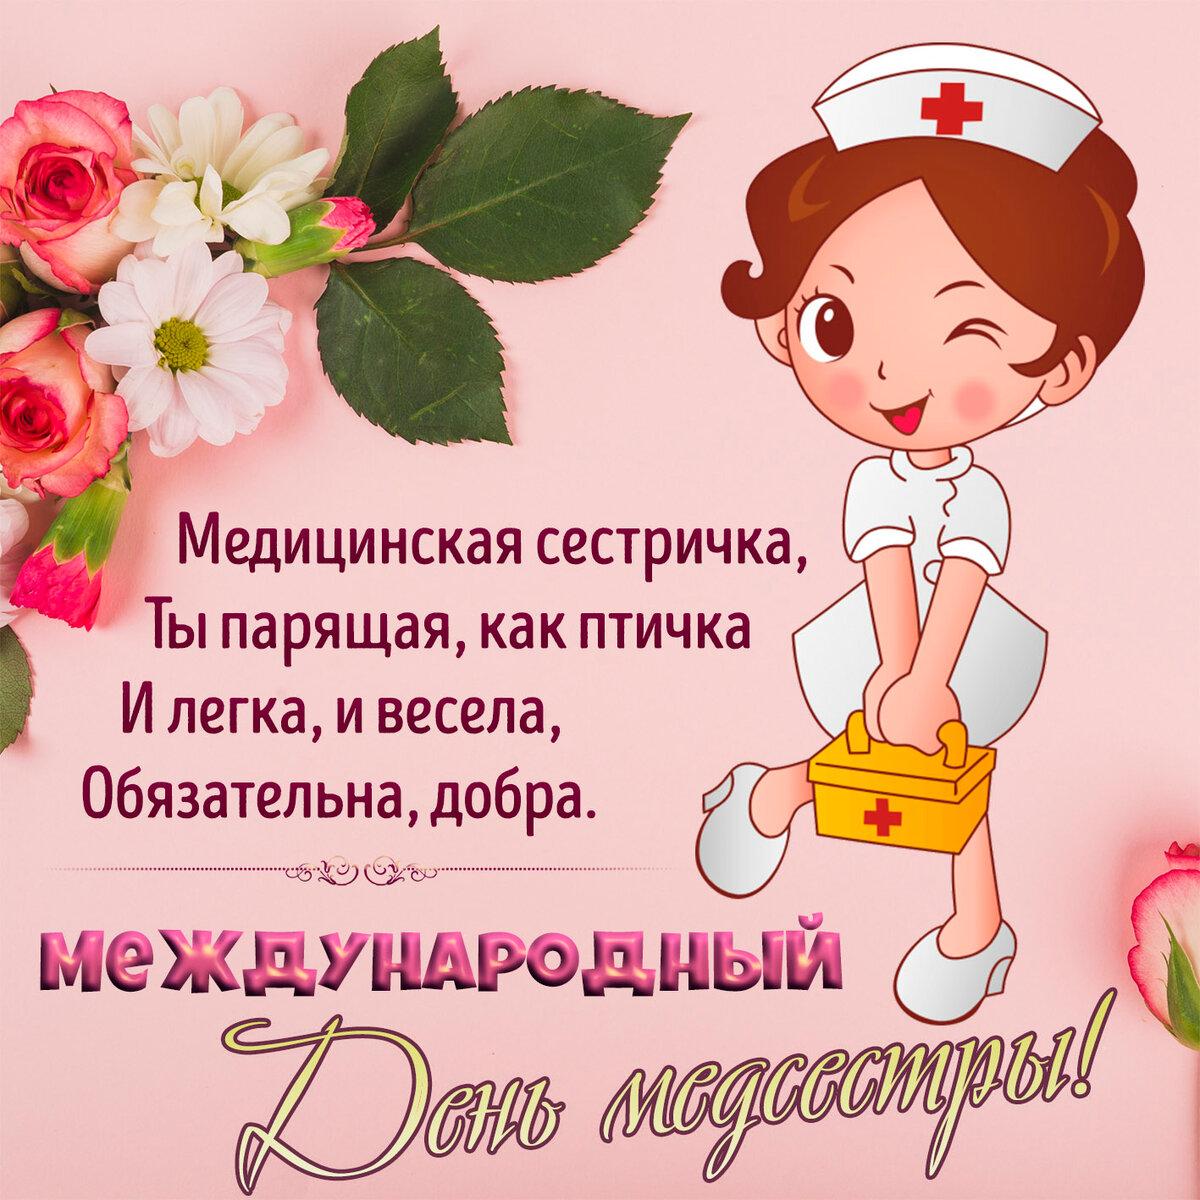 Поздравление медицинской сестры в картинках